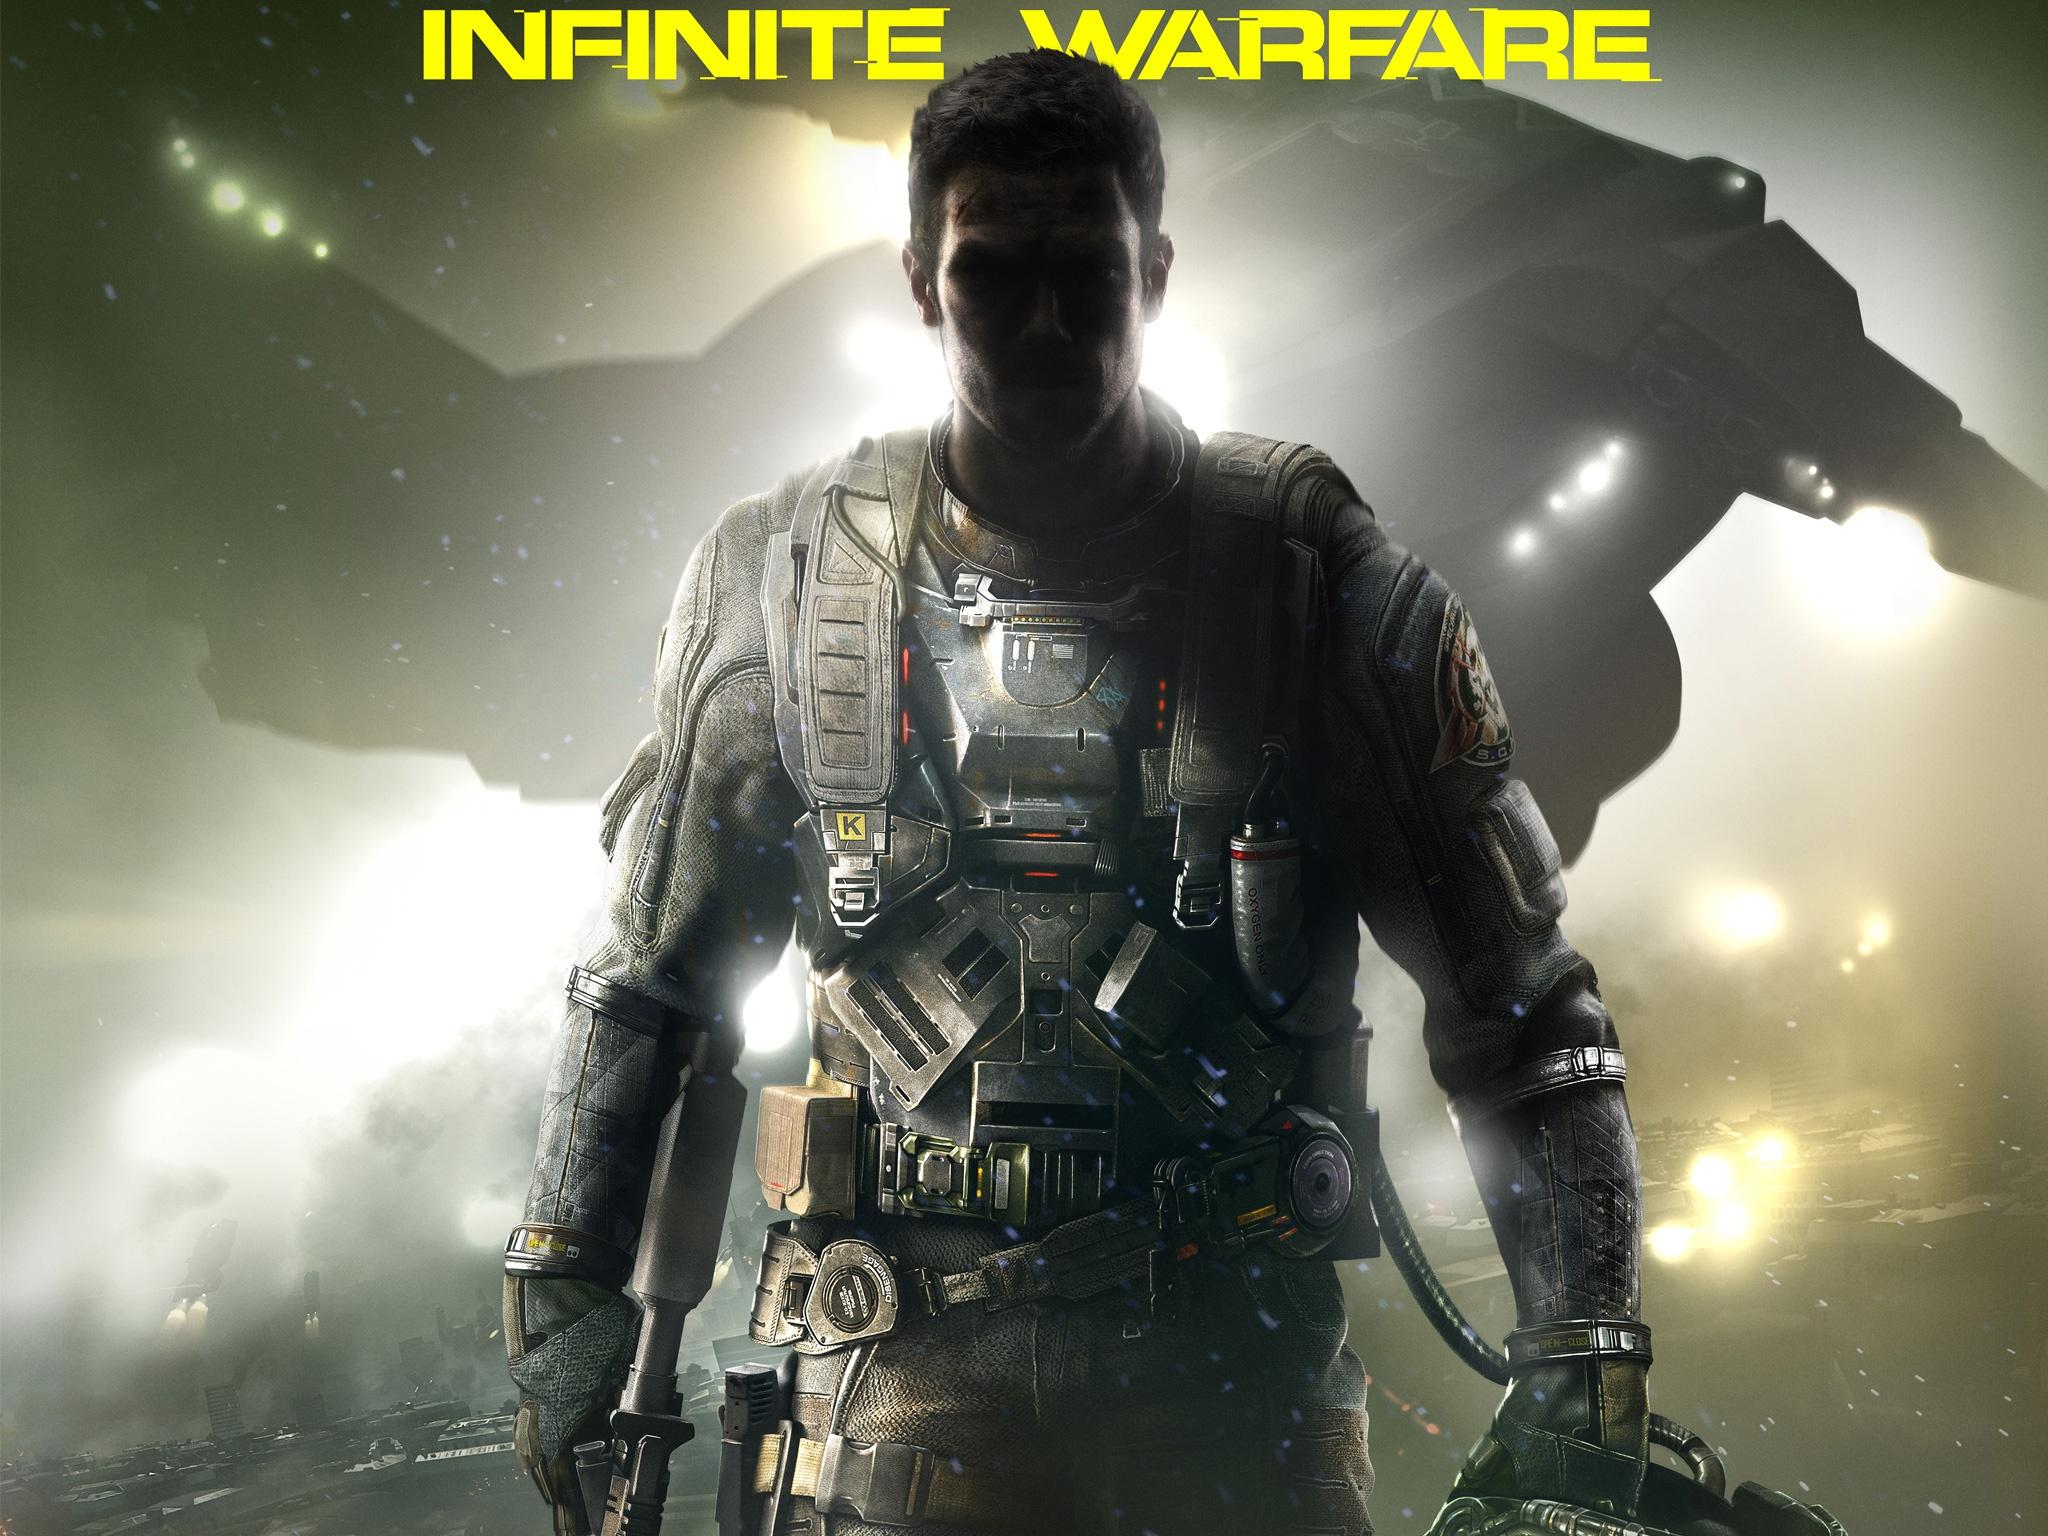 Call Of Duty Infinite Warfare 4k 8k Wallpapers In Jpg Format For